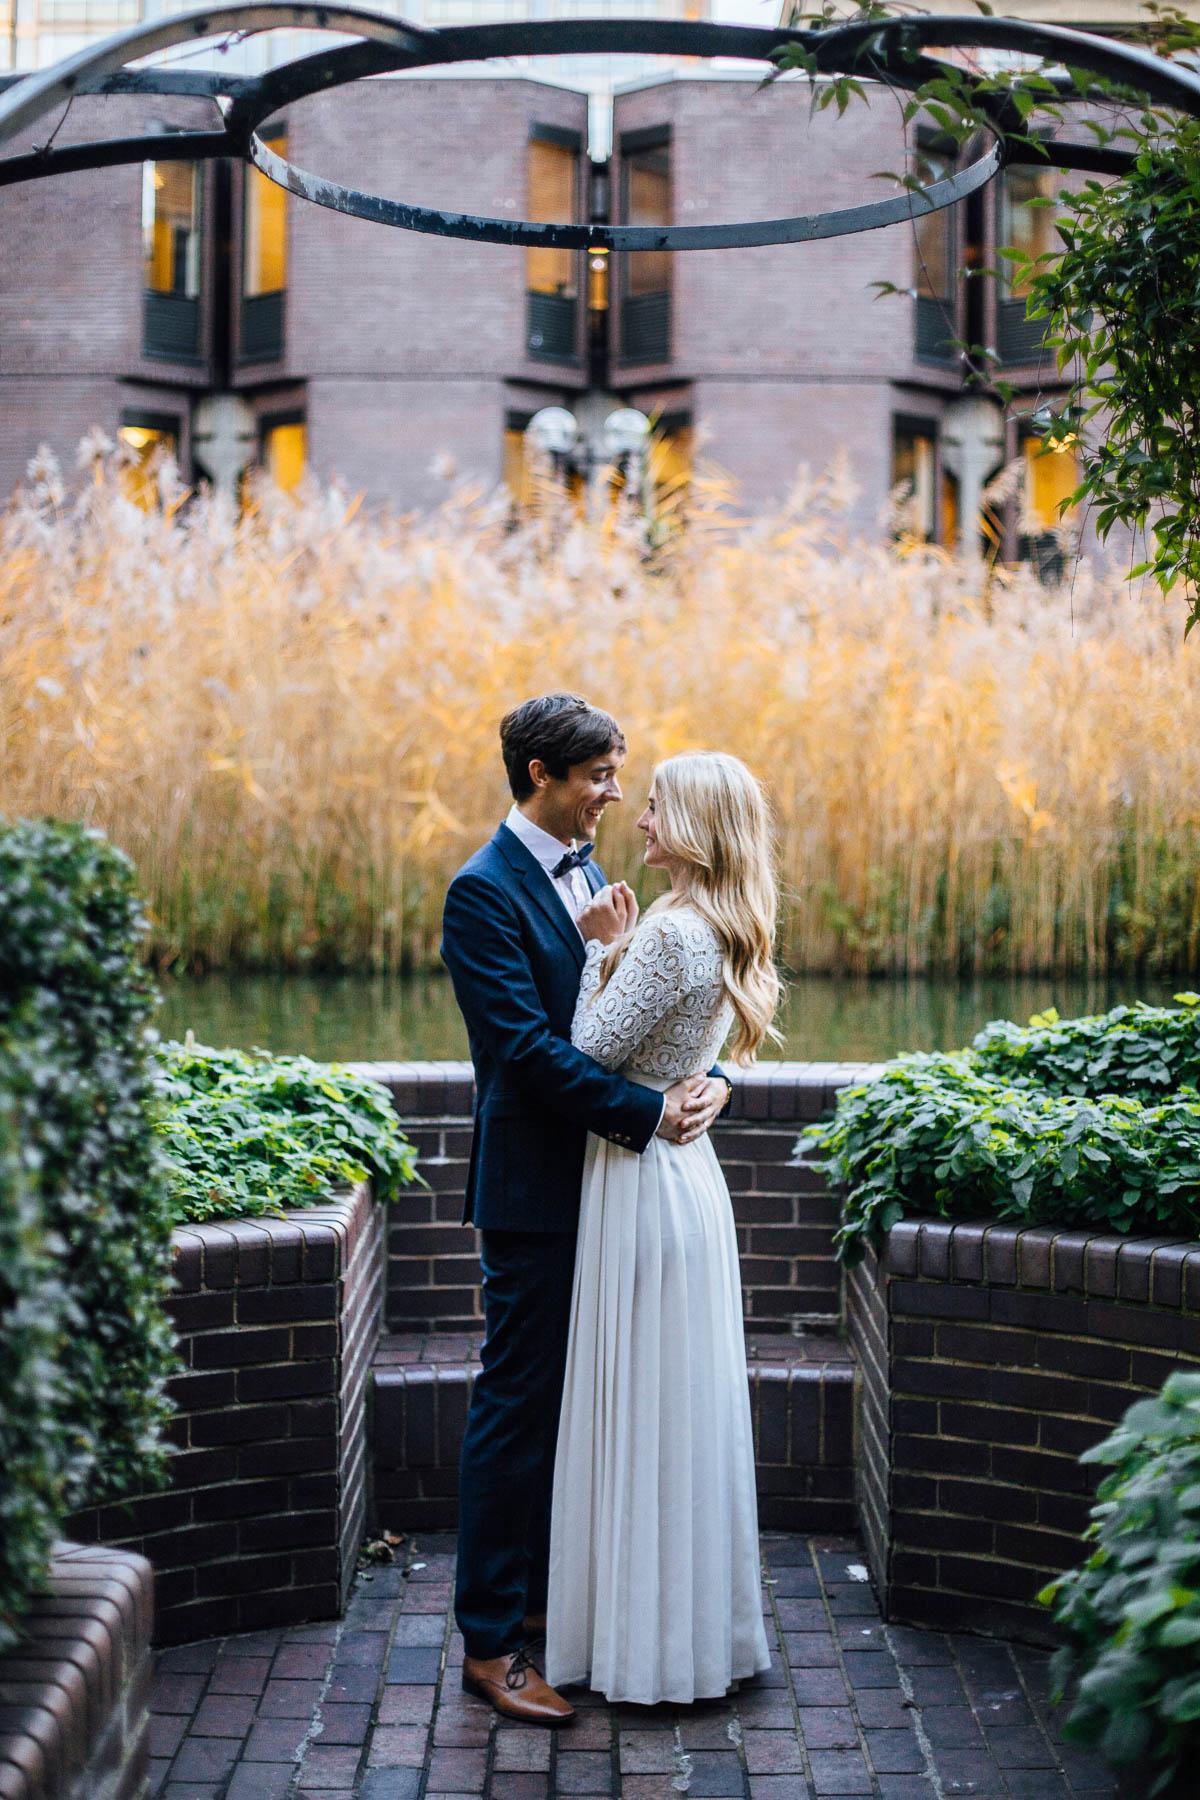 wedding photos at the barbican